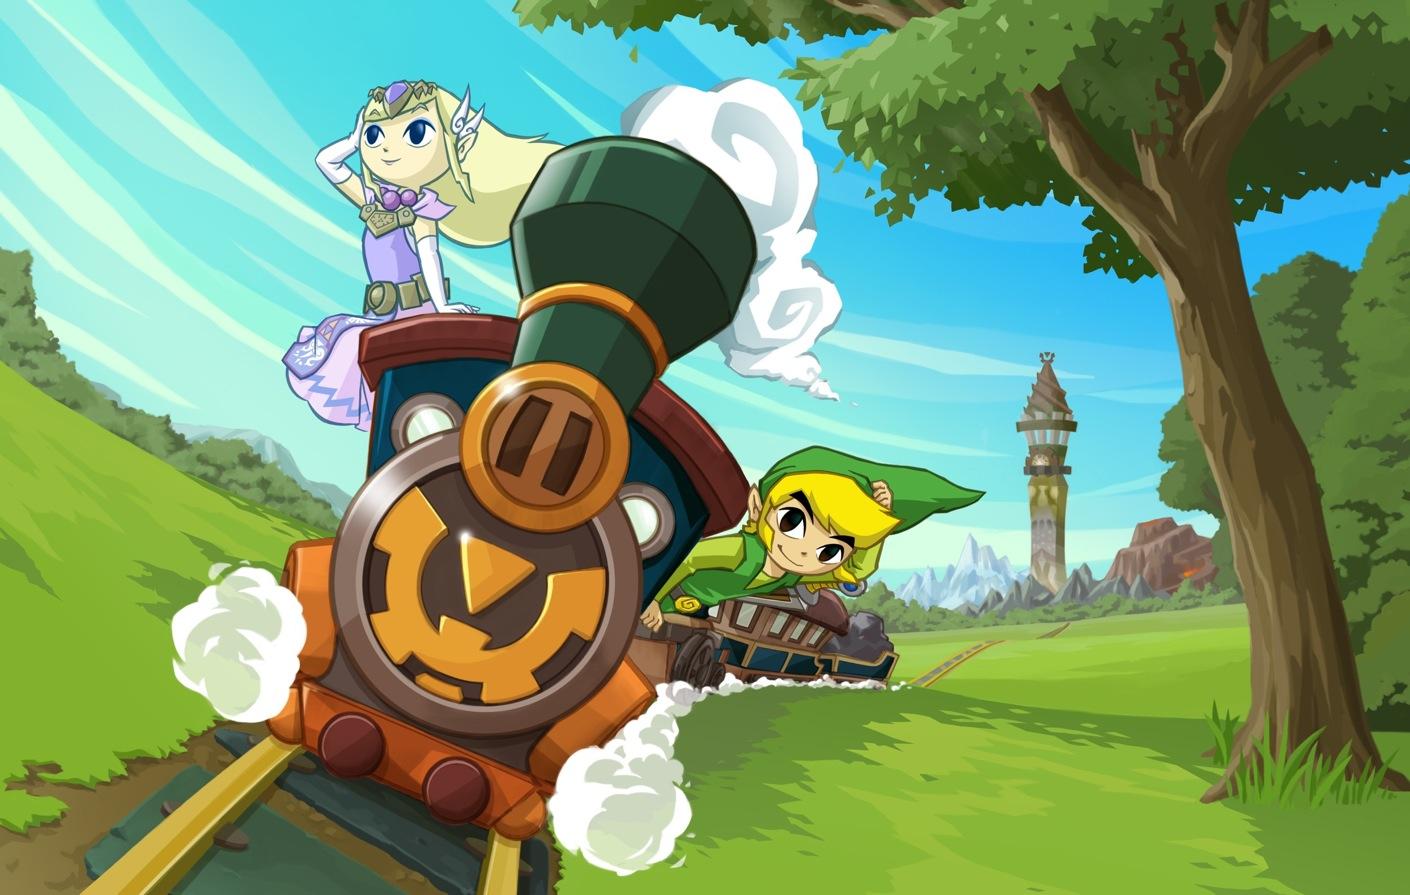 Legend of Zelda Link Zelda